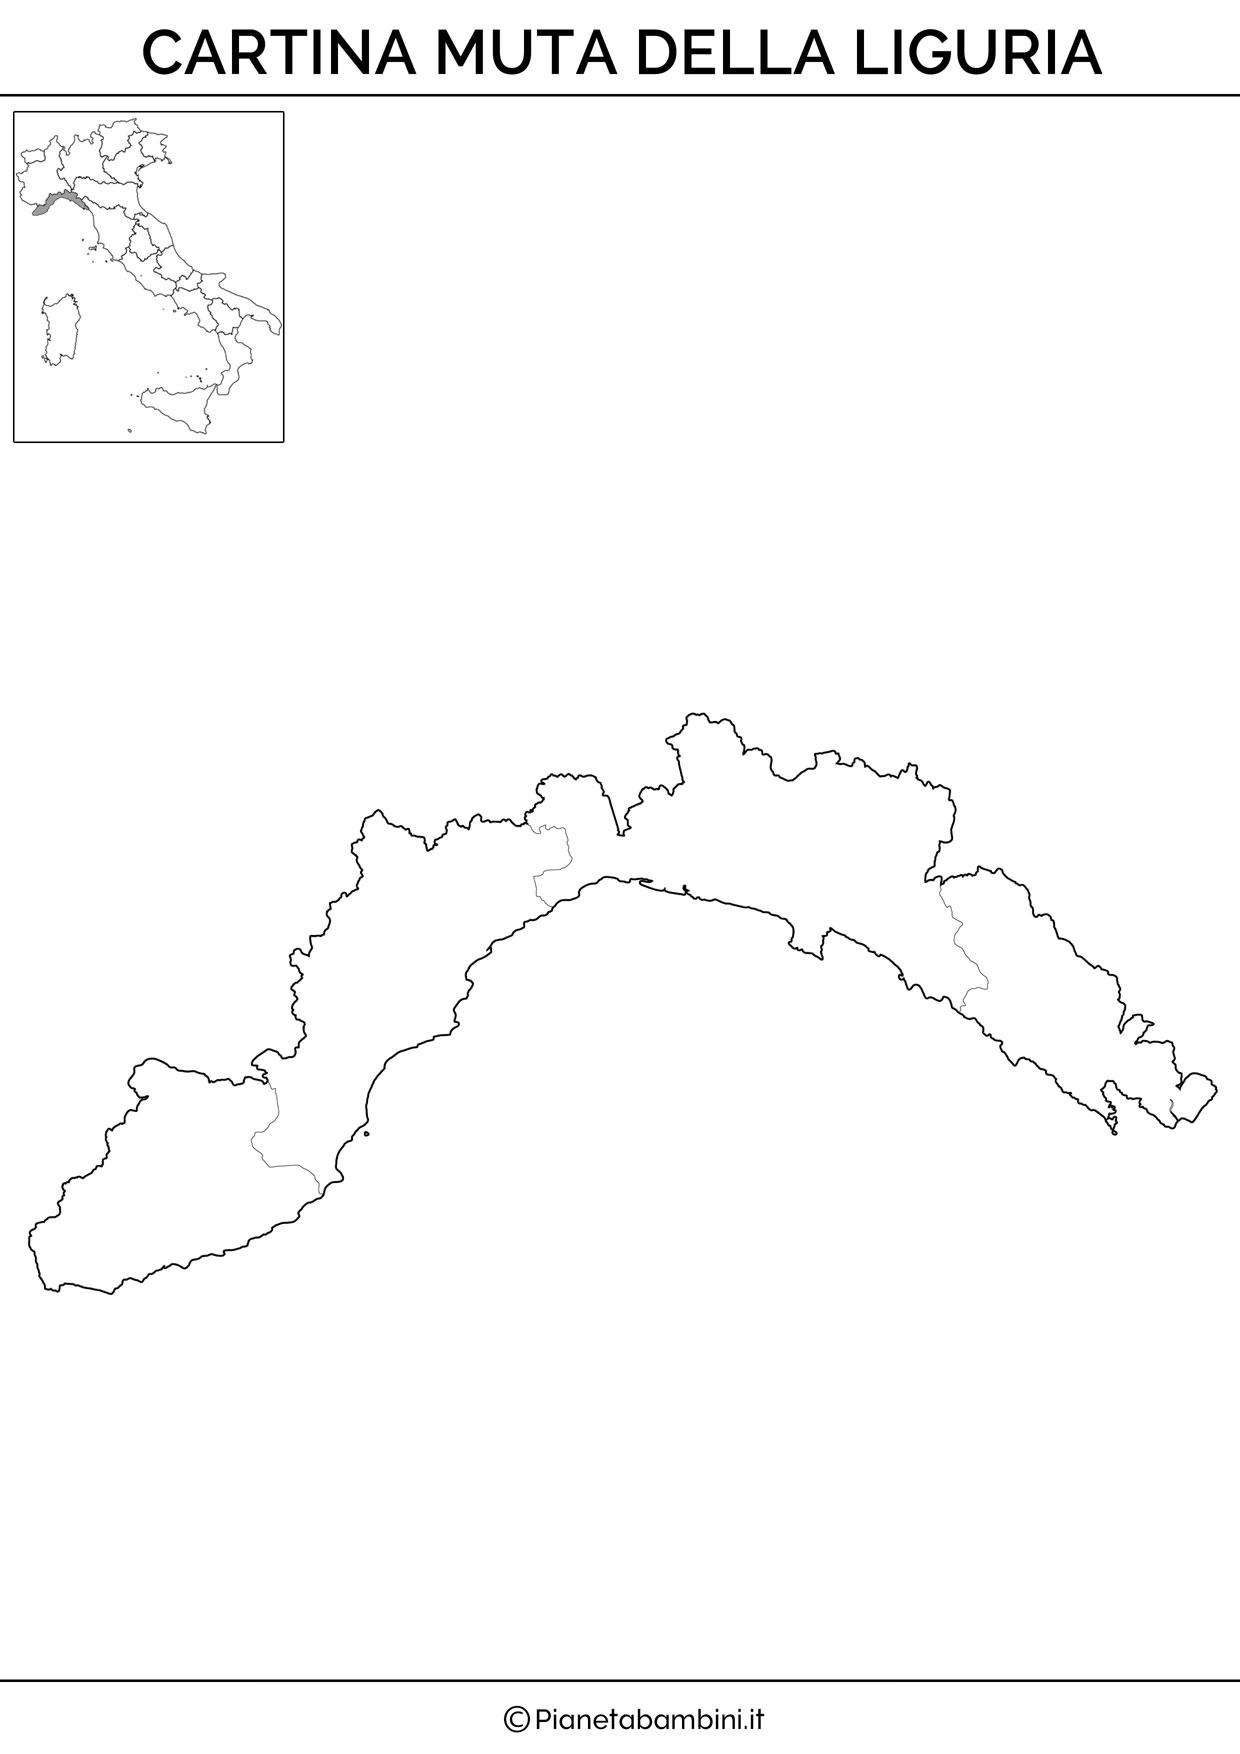 Cartina Della Liguria Da Colorare Pieterduisenberg